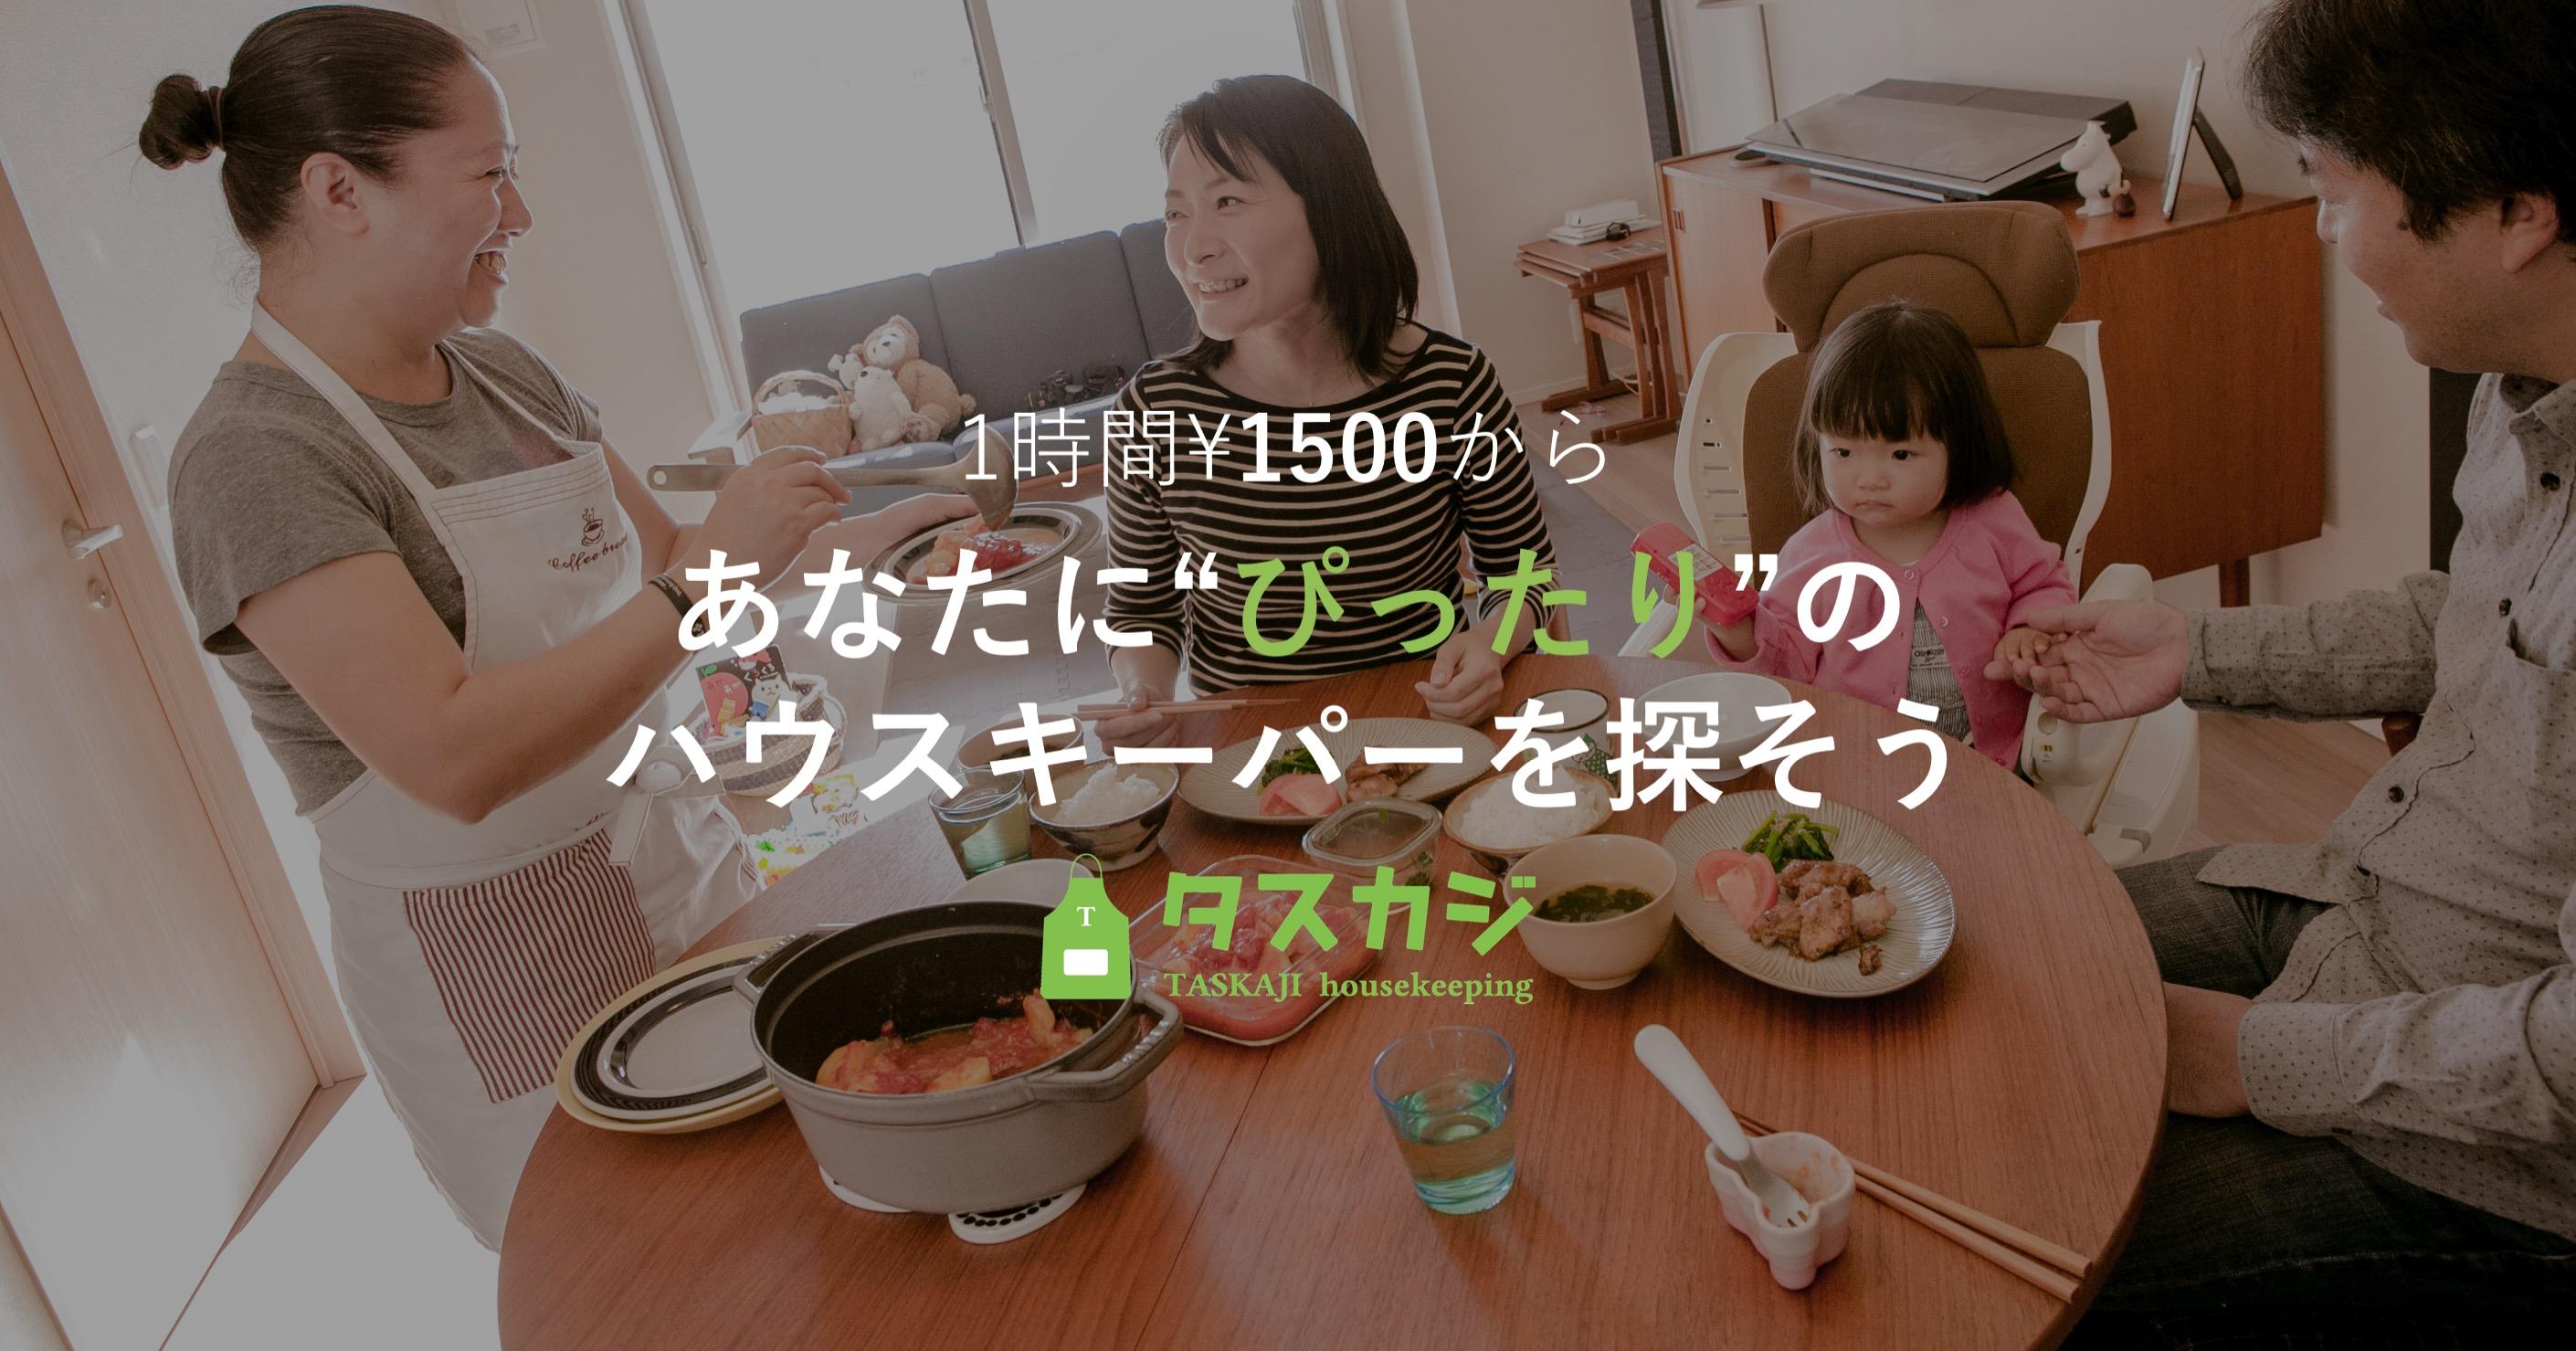 1時間1500円からの家事代行マッチングサービス『タスカジ